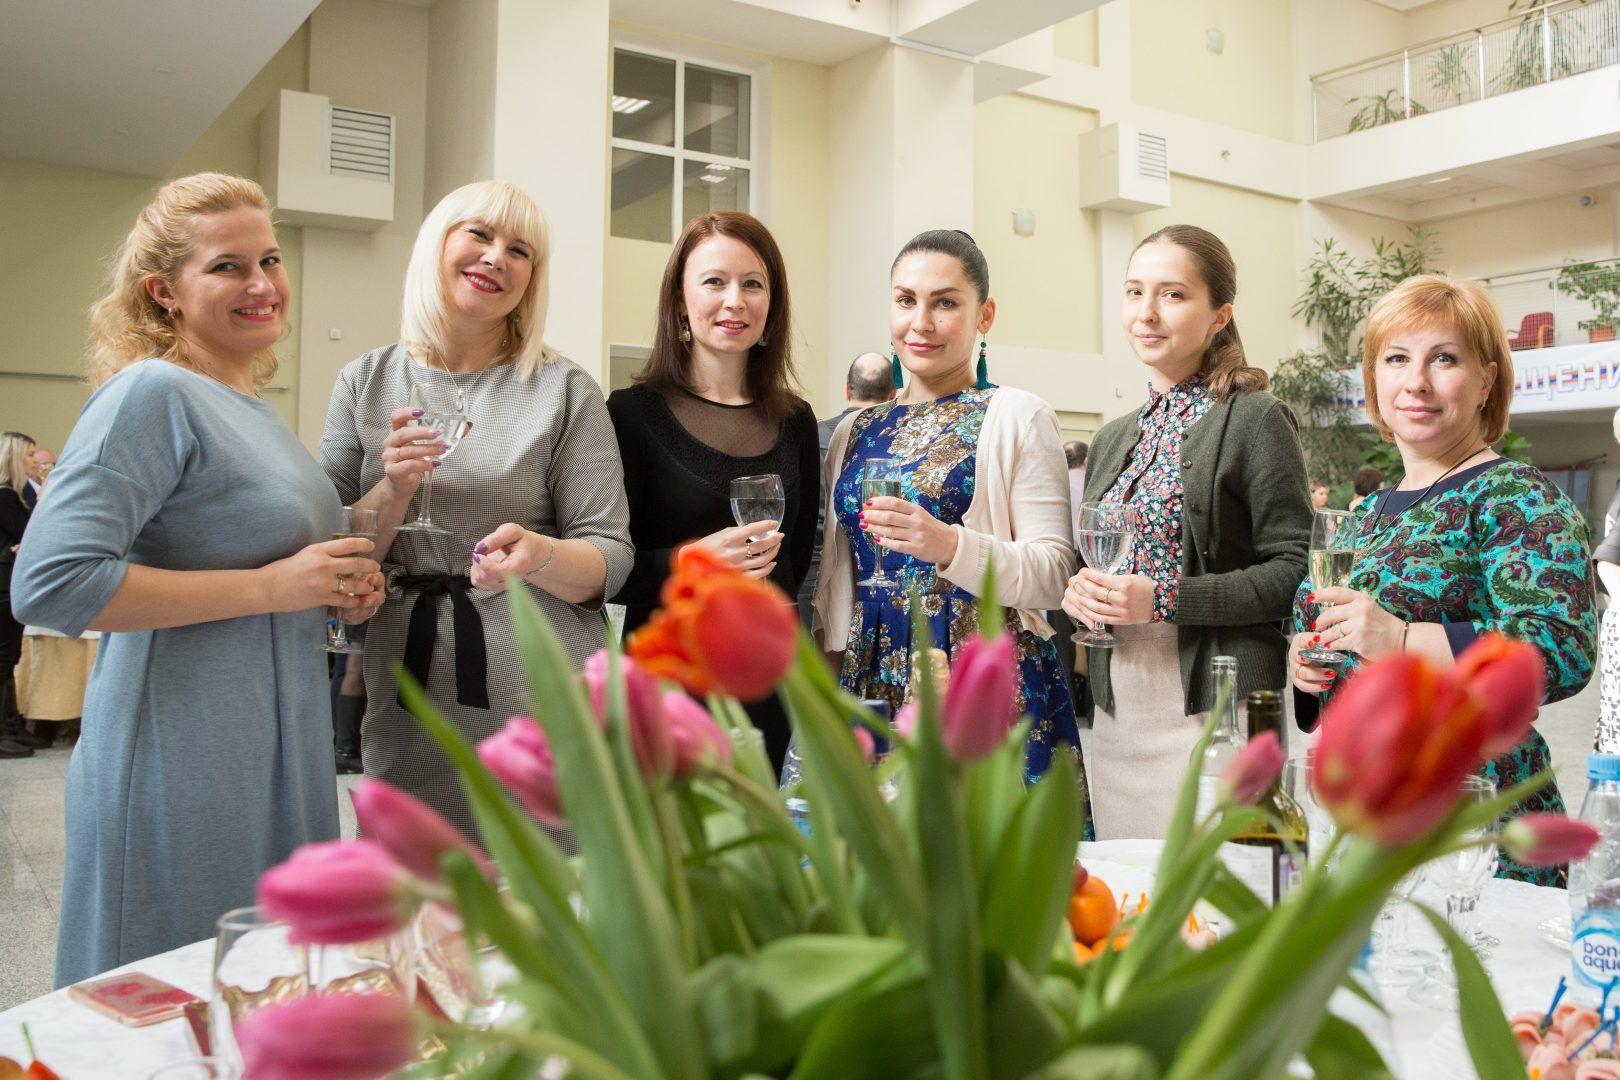 Женщин Департамента ГОЧСиПБ поздравили с прекрасным праздником. Фото: Пресс-служба Управления по ТиНАО Департамента ГОЧСиПБ